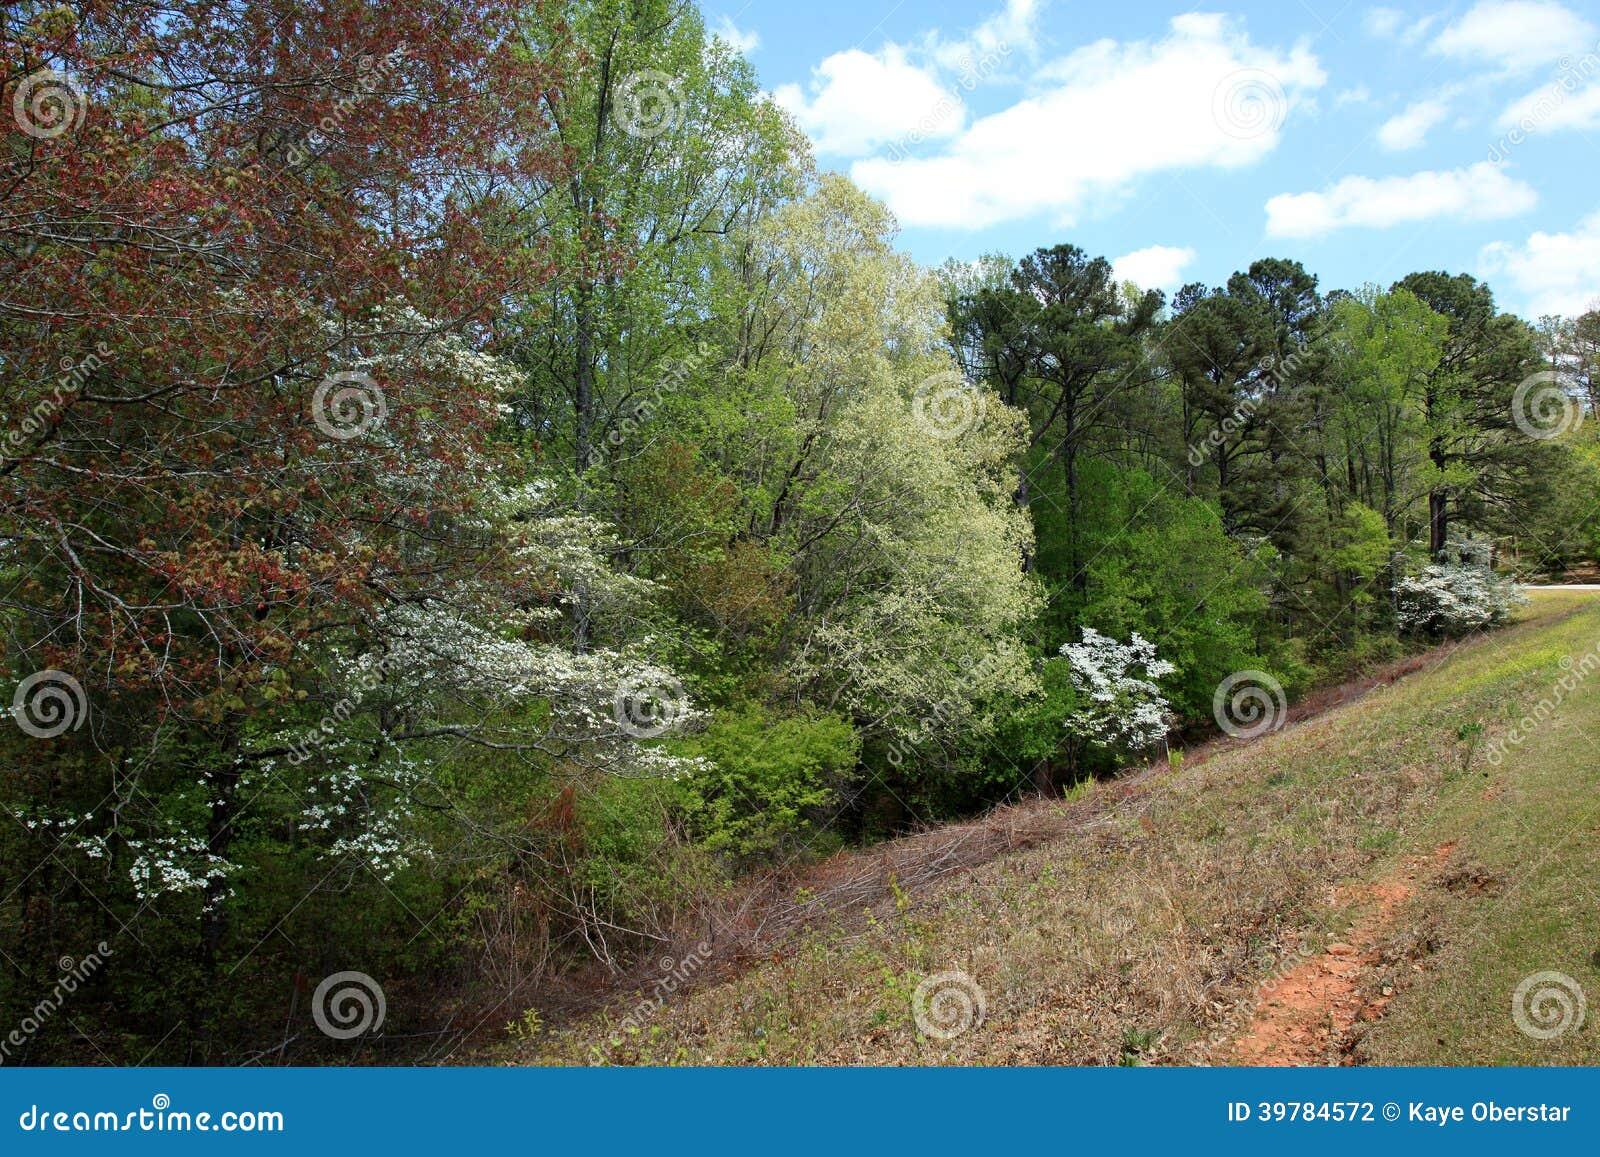 Cornouillers aux jardins de callaway photo stock image for Aux jardins